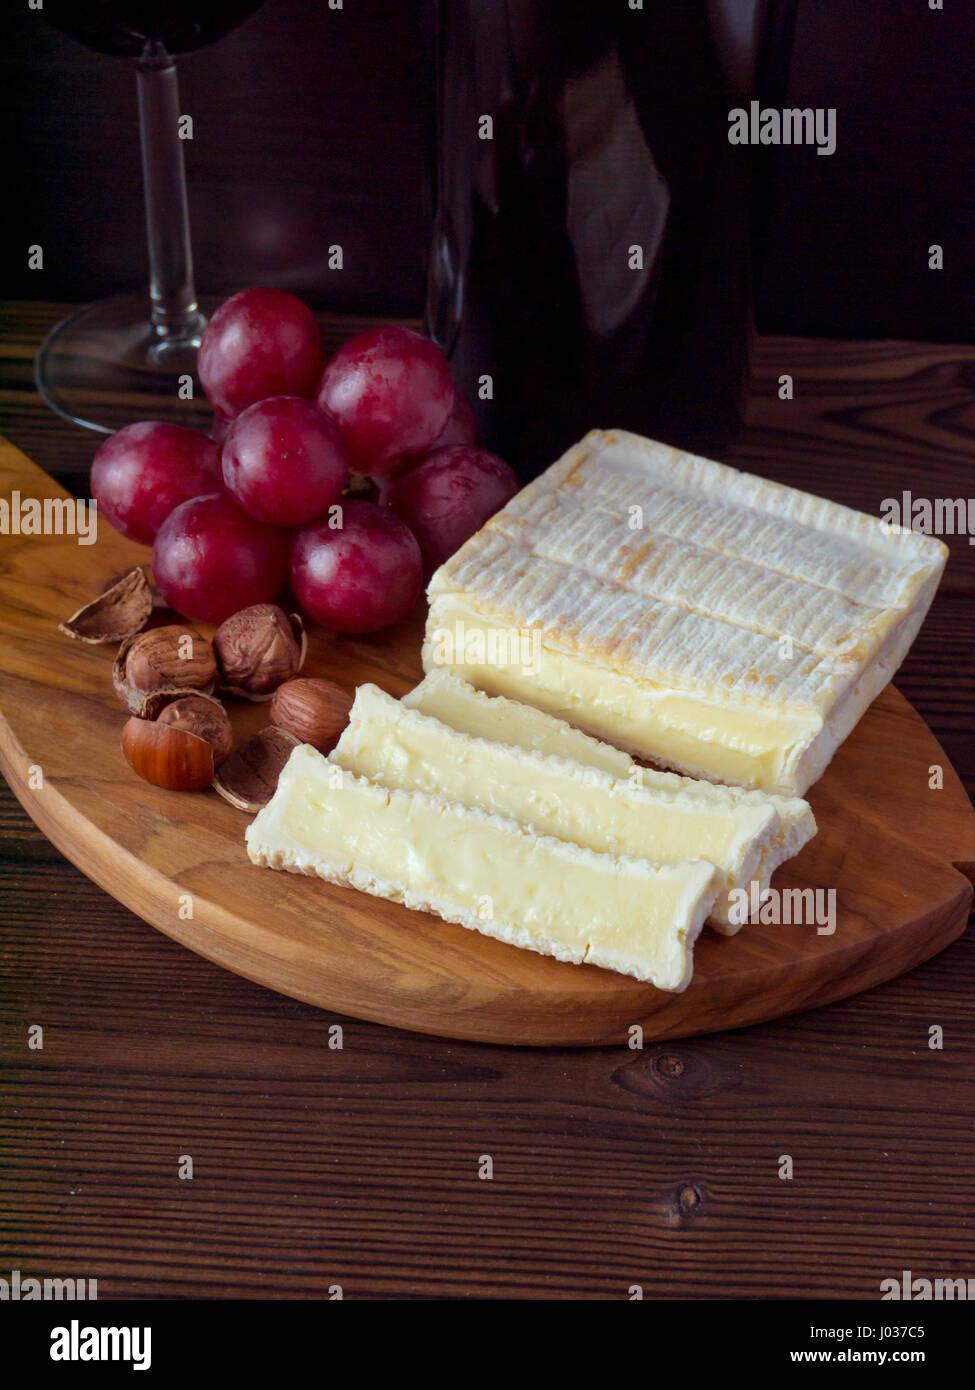 Ziegel geformt Käse mit weißen Schimmel, Haselnüsse, roten Trauben und Wein im Glas und Flasche Stockbild